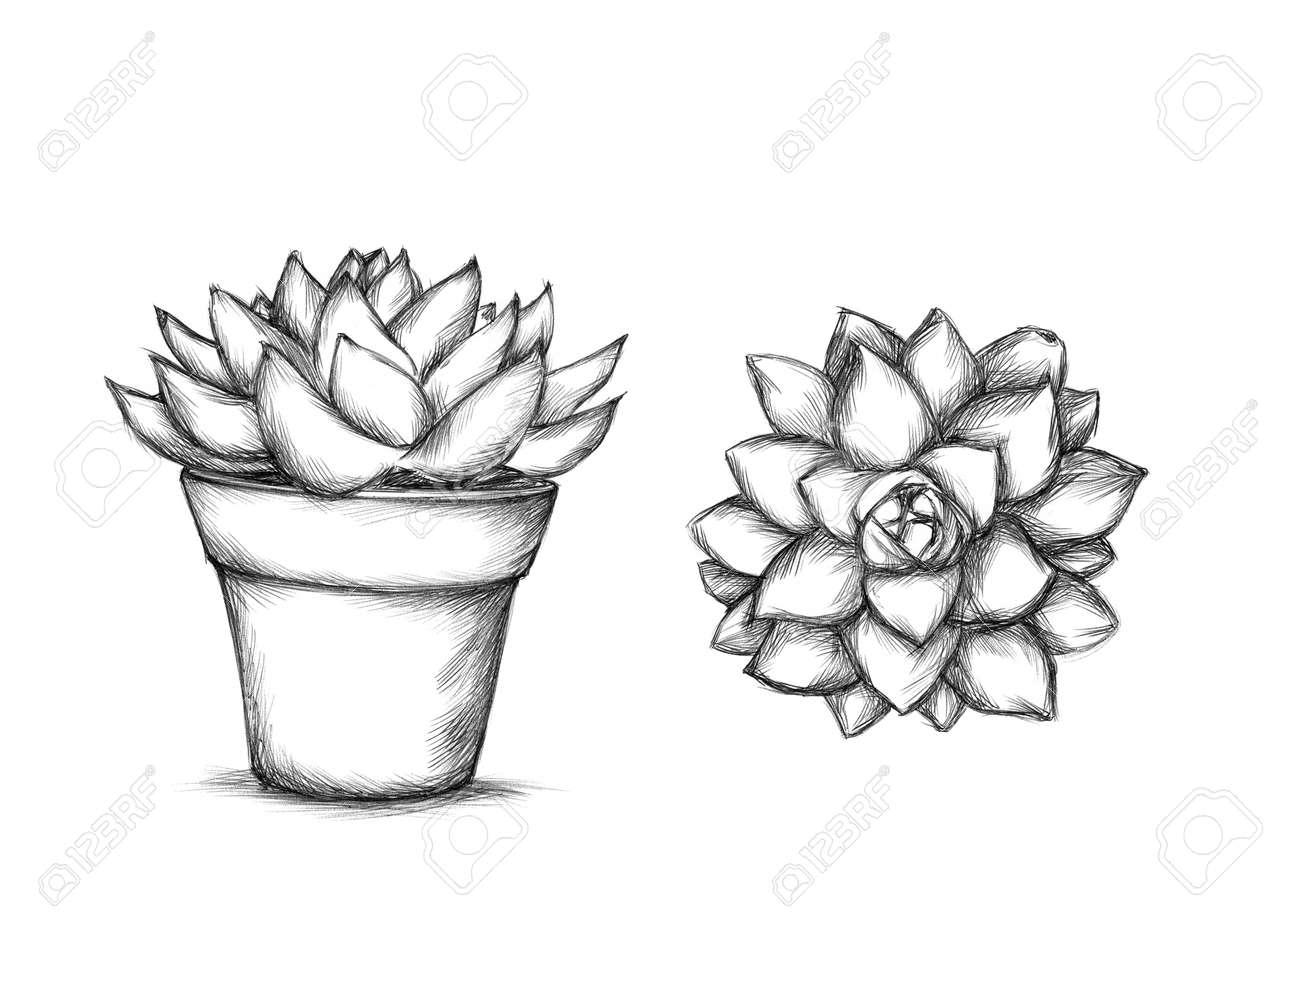 植木鉢に多肉植物のイラスト の写真素材画像素材 Image 77347870